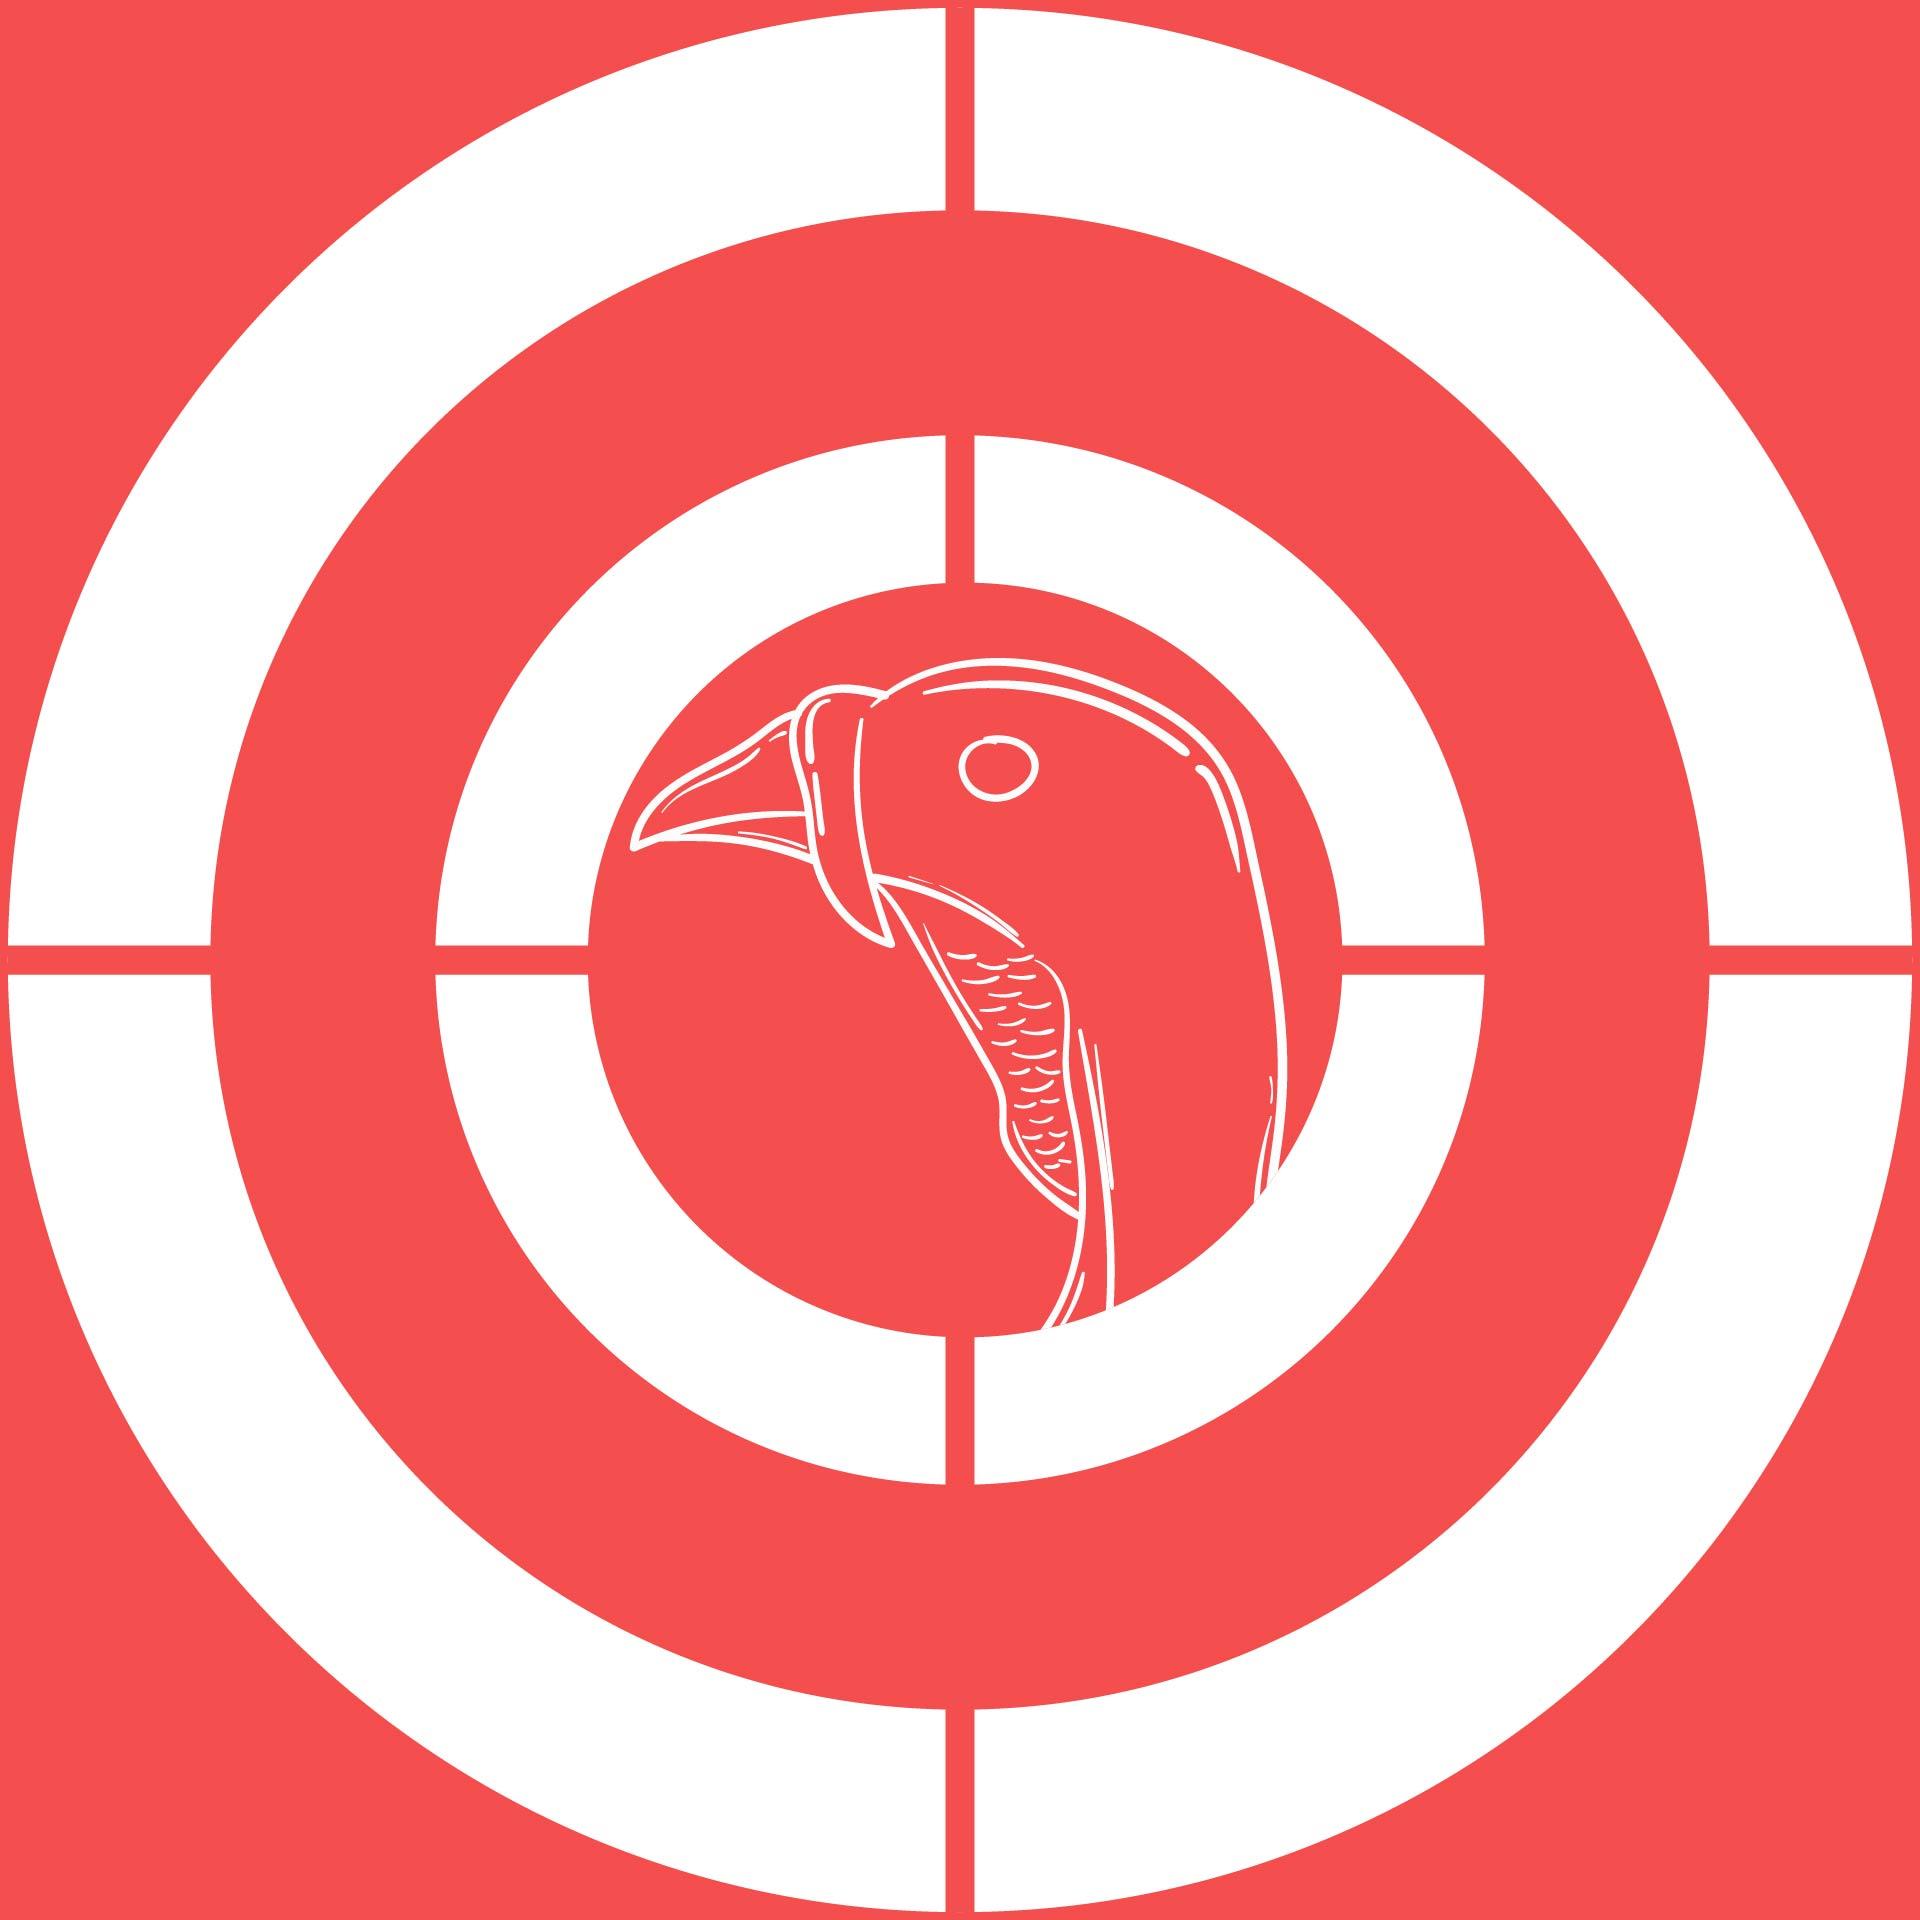 Printable Turkey Head Target